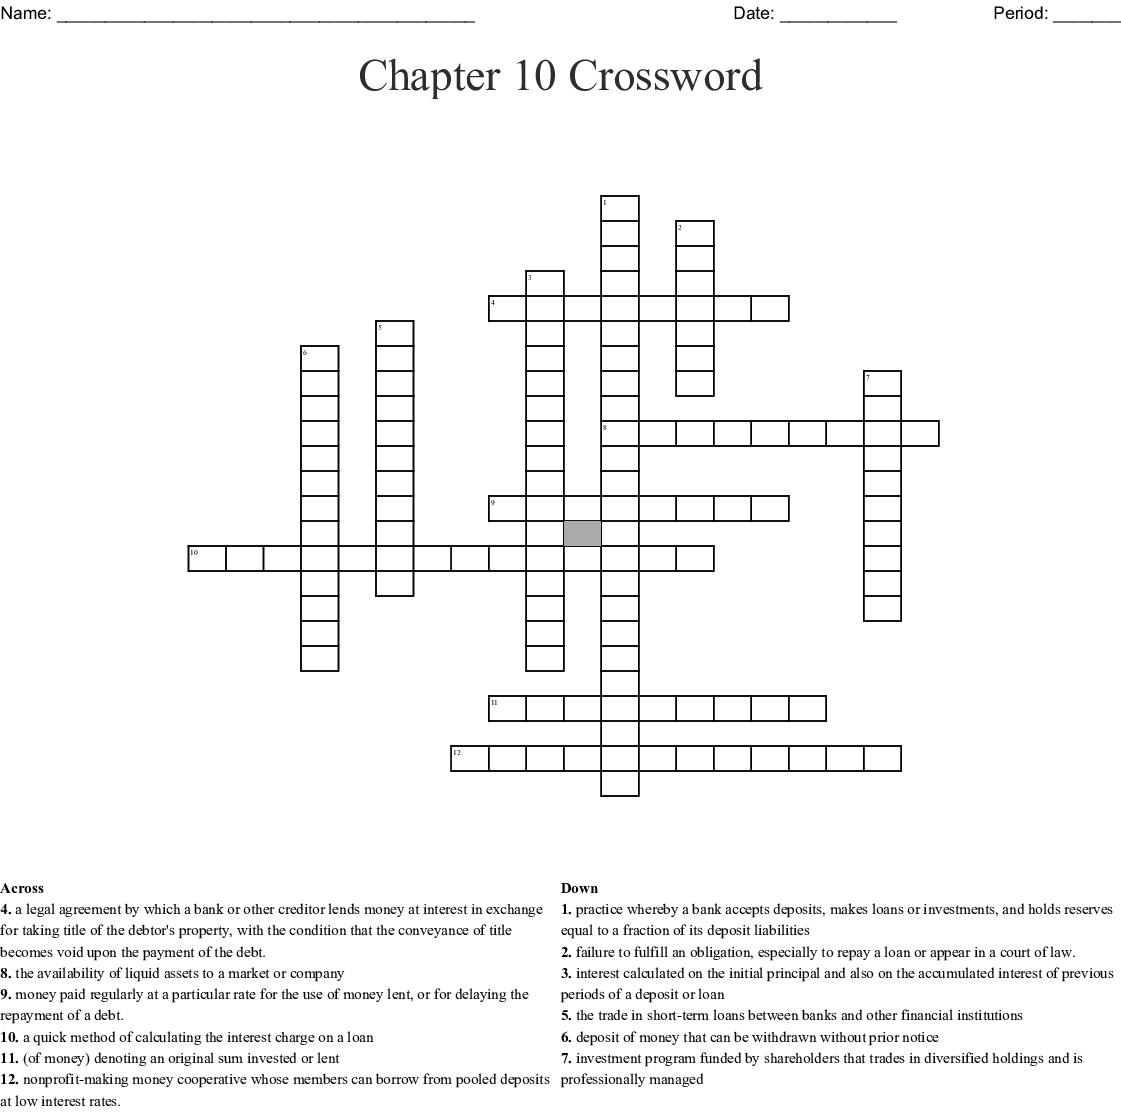 Sources Of Finance Crossword - WordMint